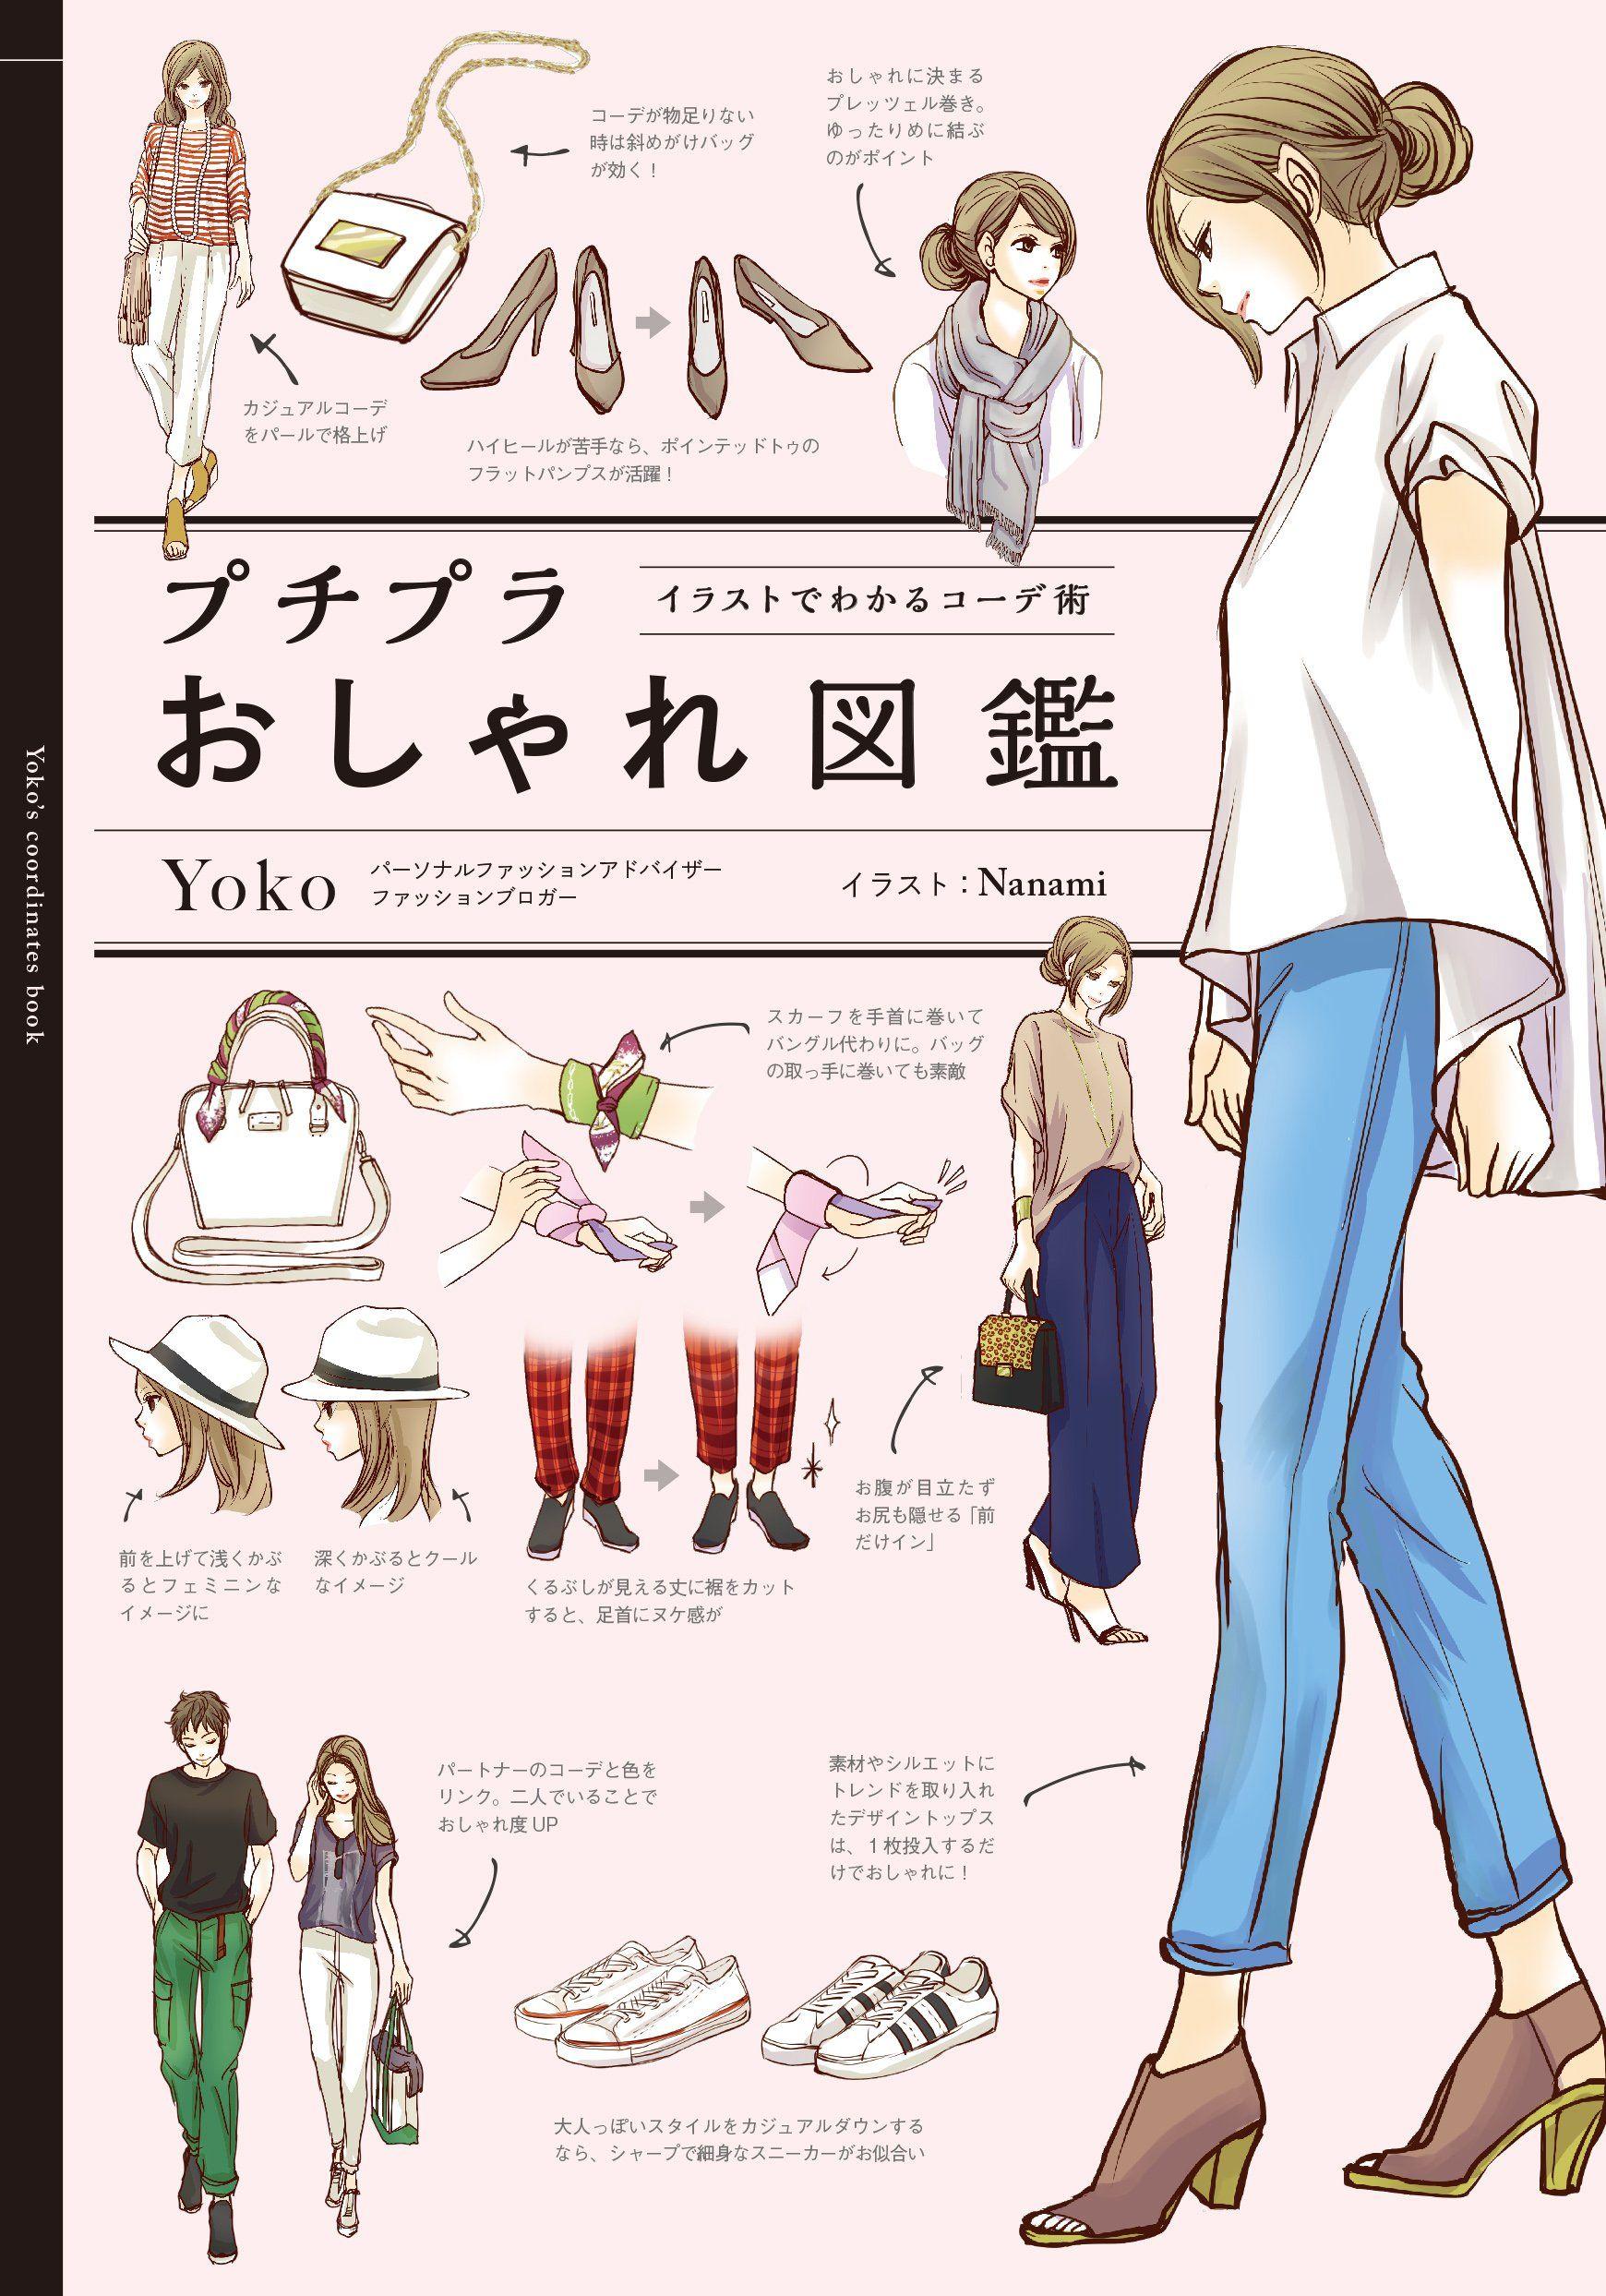 amazon.co.jp: プチプラおしゃれ図鑑 イラストでわかるコーデ術: yoko